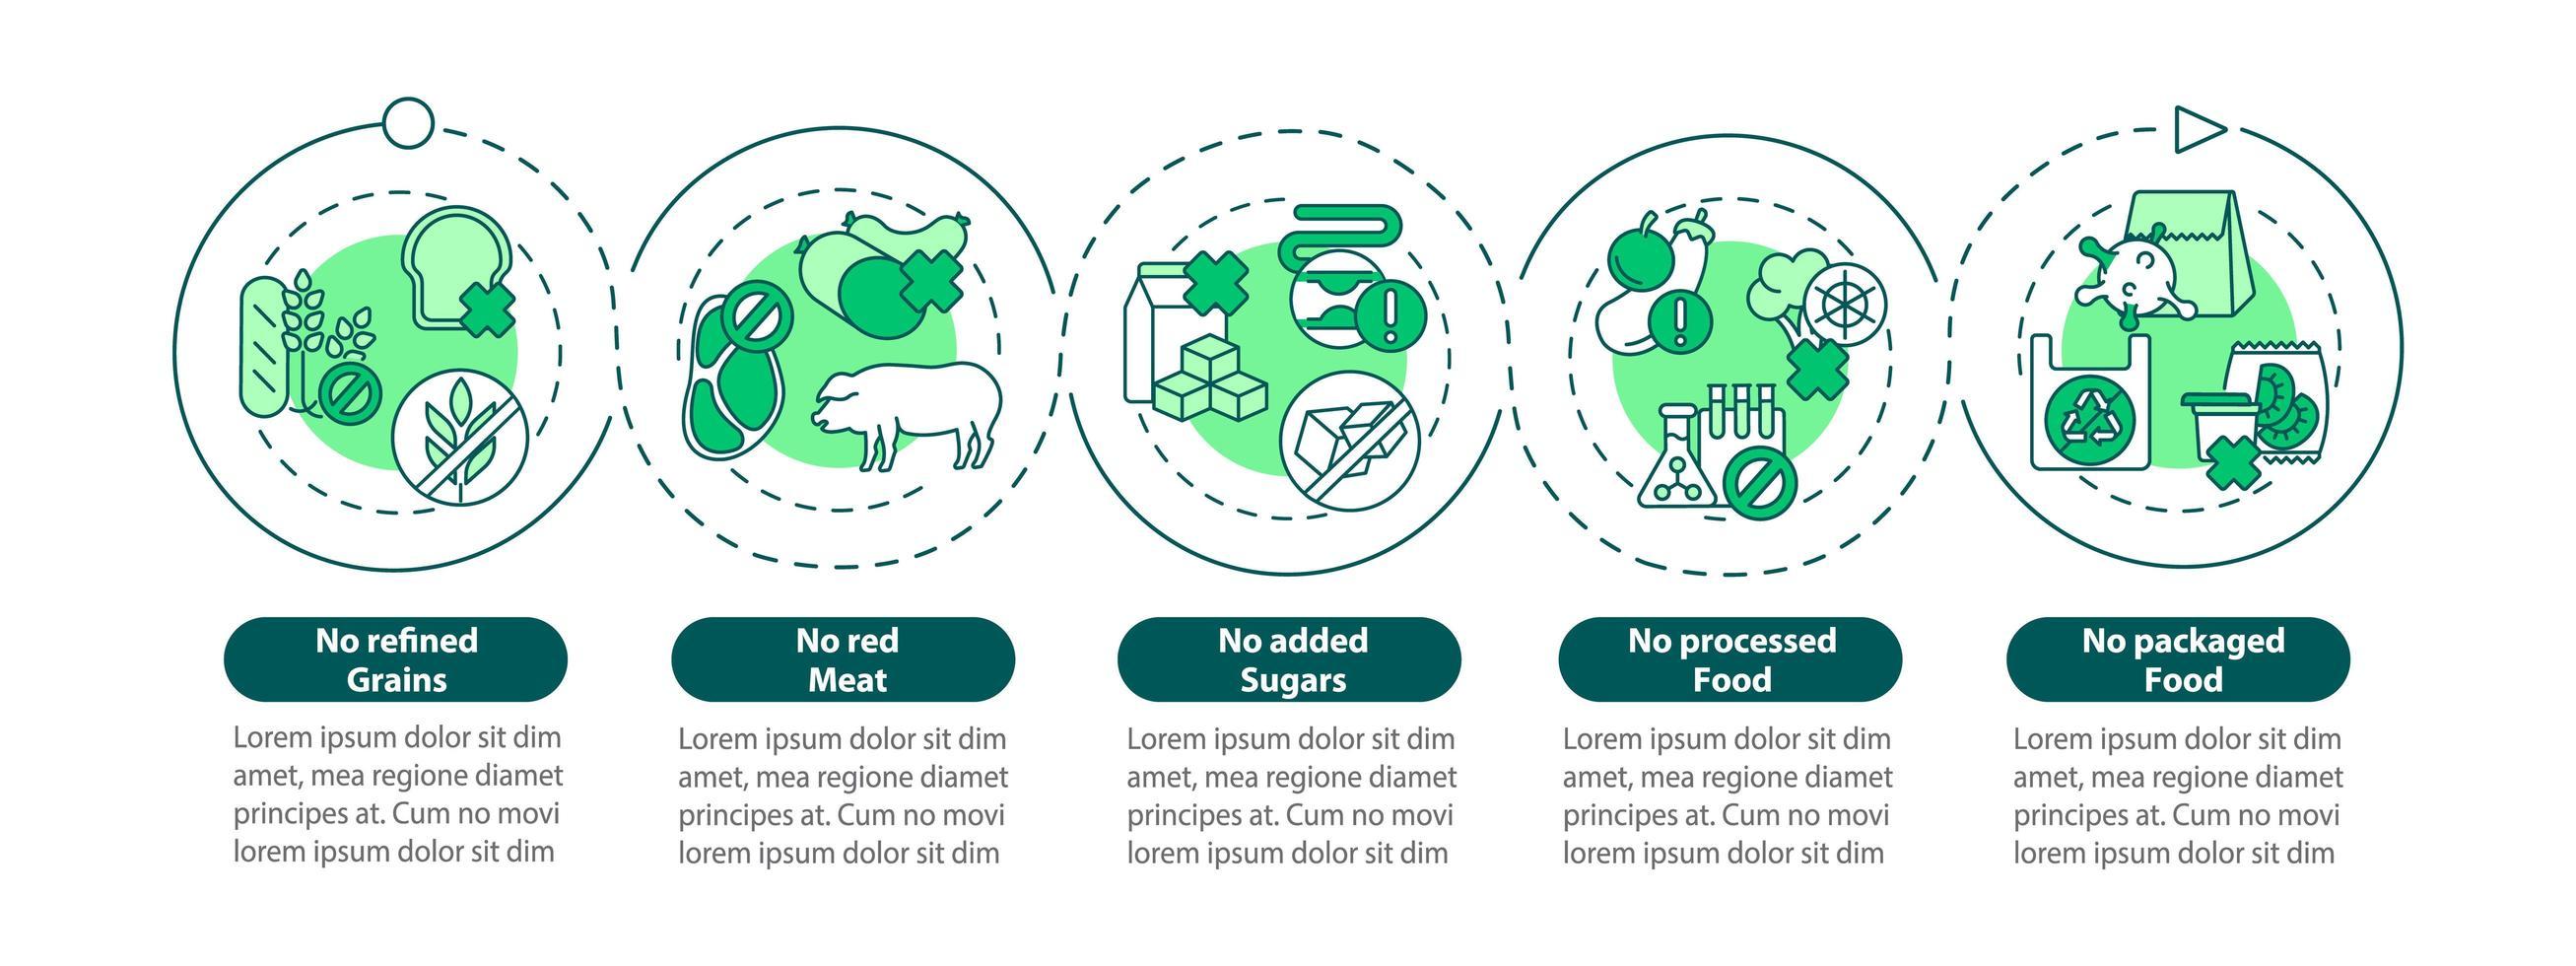 modelo de infográfico de vetor de dieta sustentável